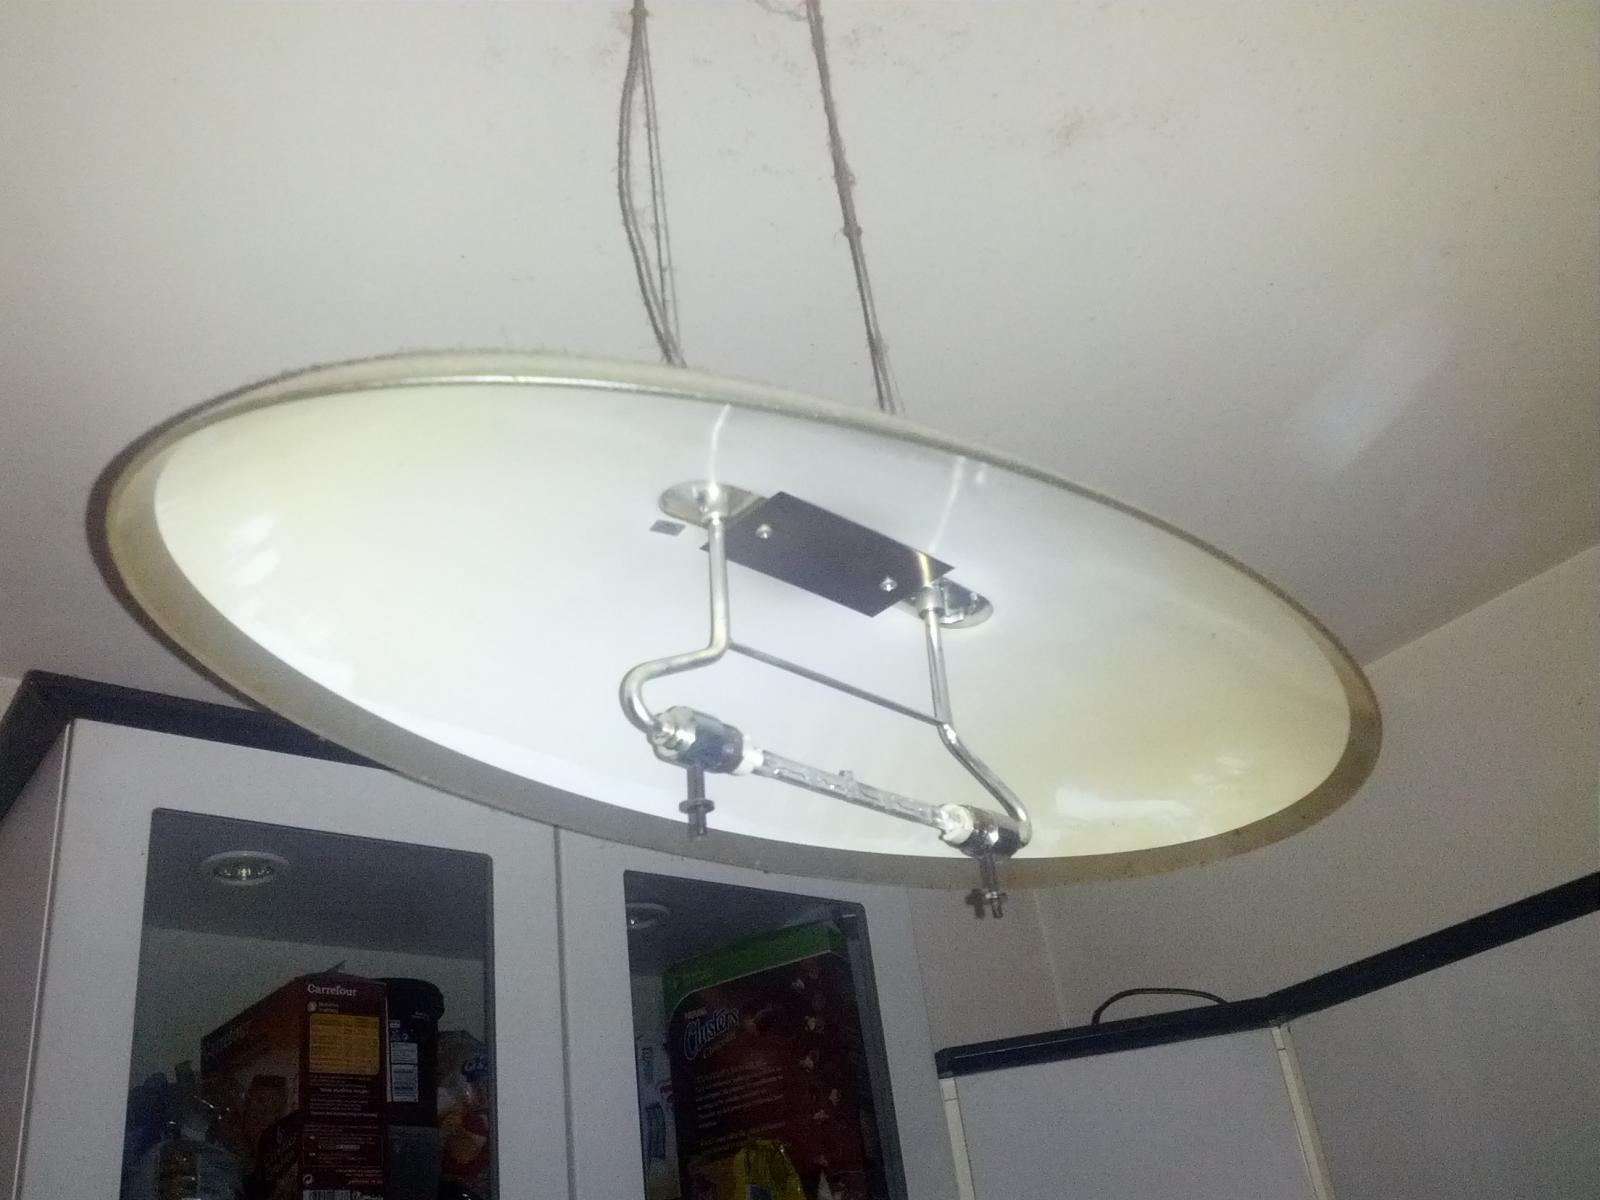 changement ampoule sur lampe au plafond. Black Bedroom Furniture Sets. Home Design Ideas